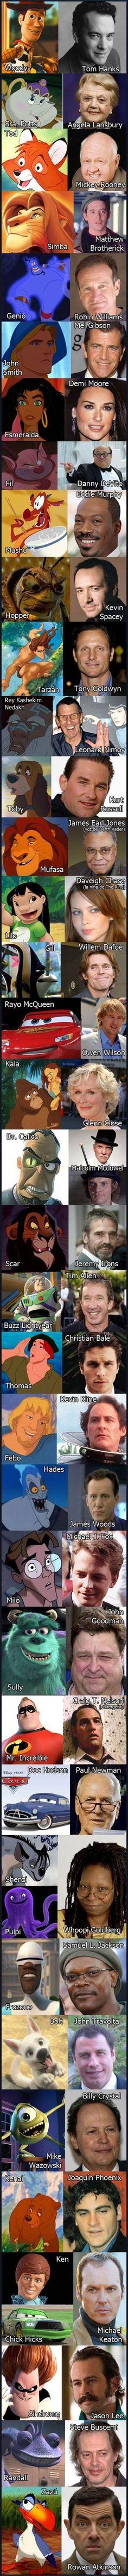 Actors cartoons